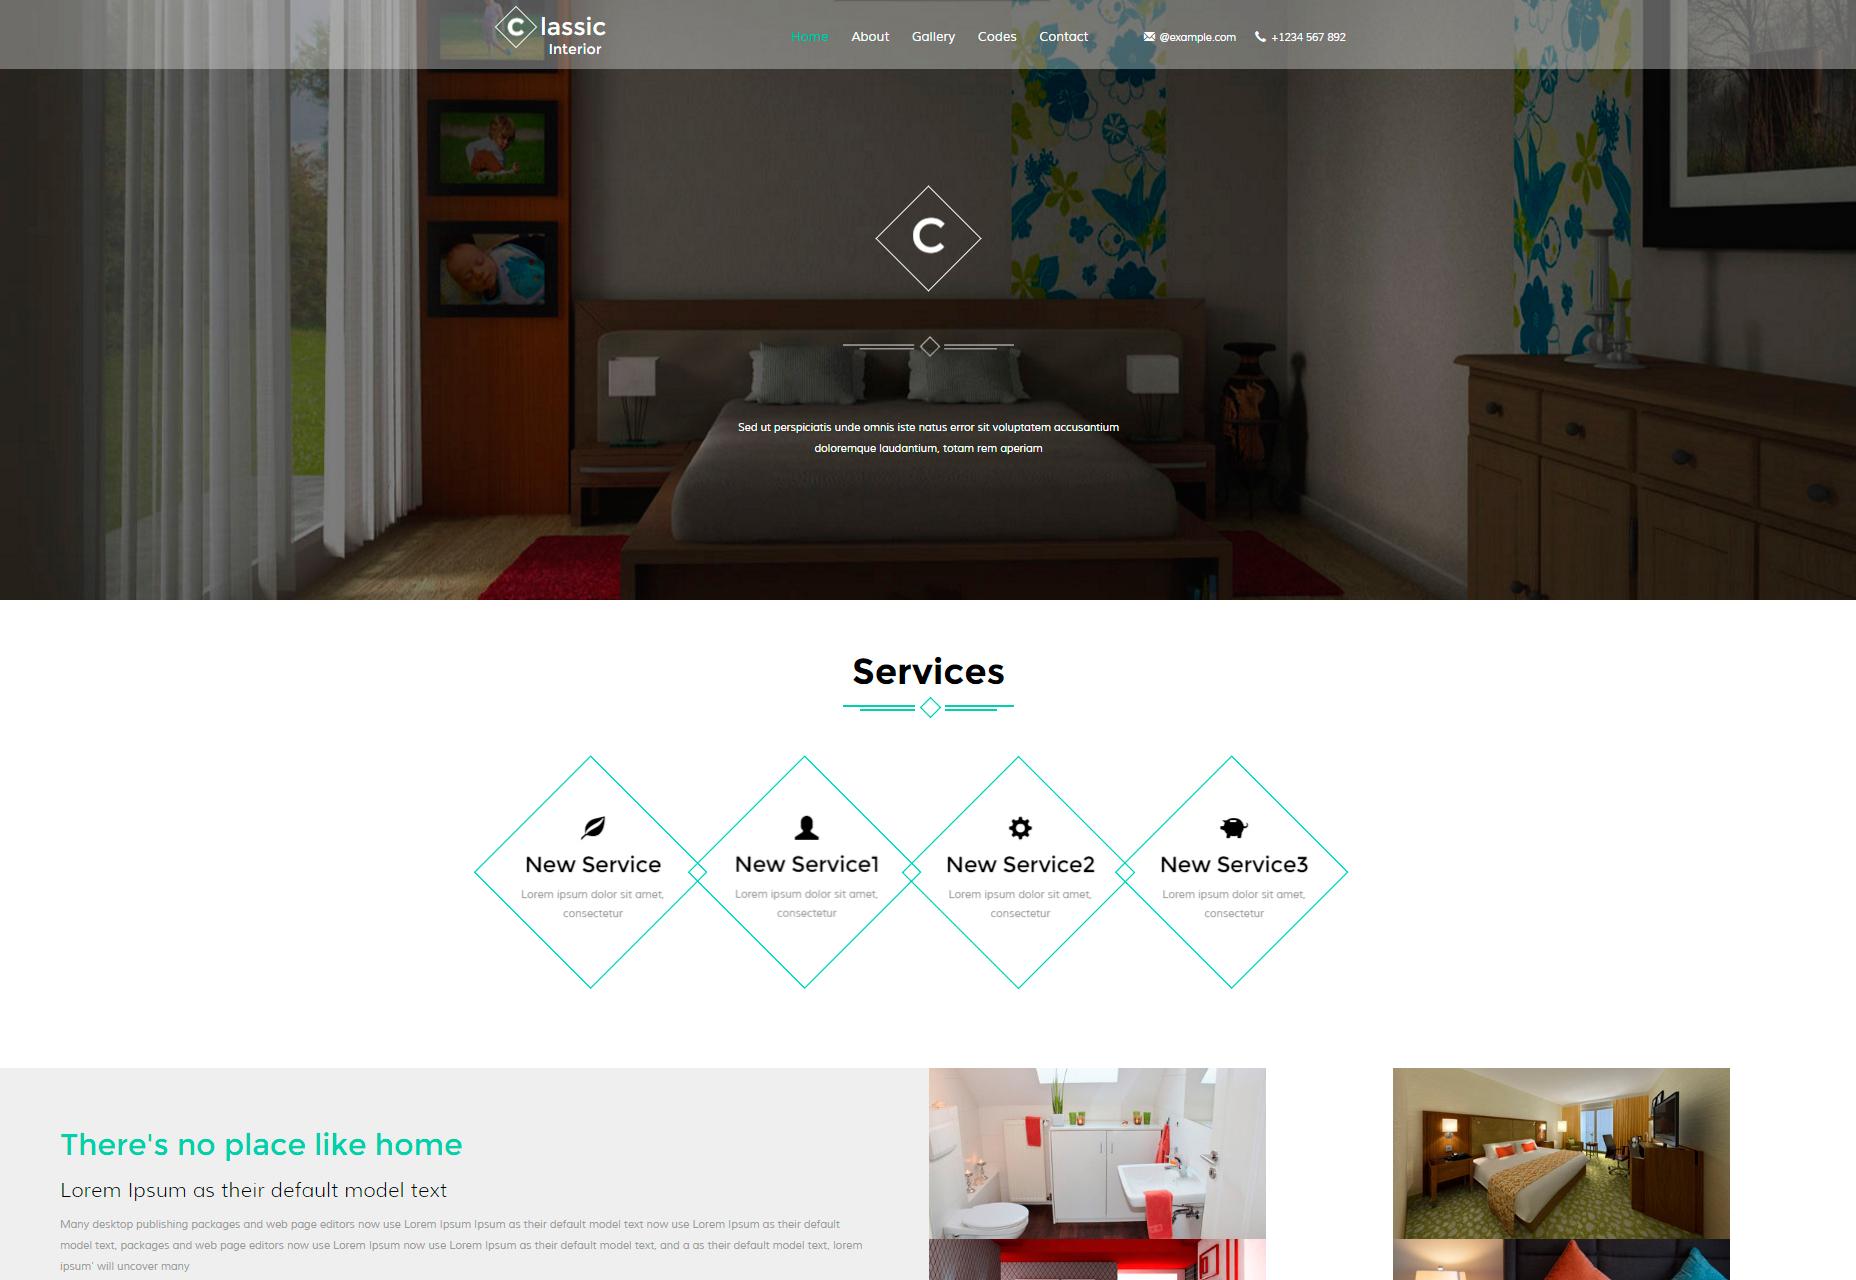 Classic Interior: Modern Interior Design Site Bootstrap Template